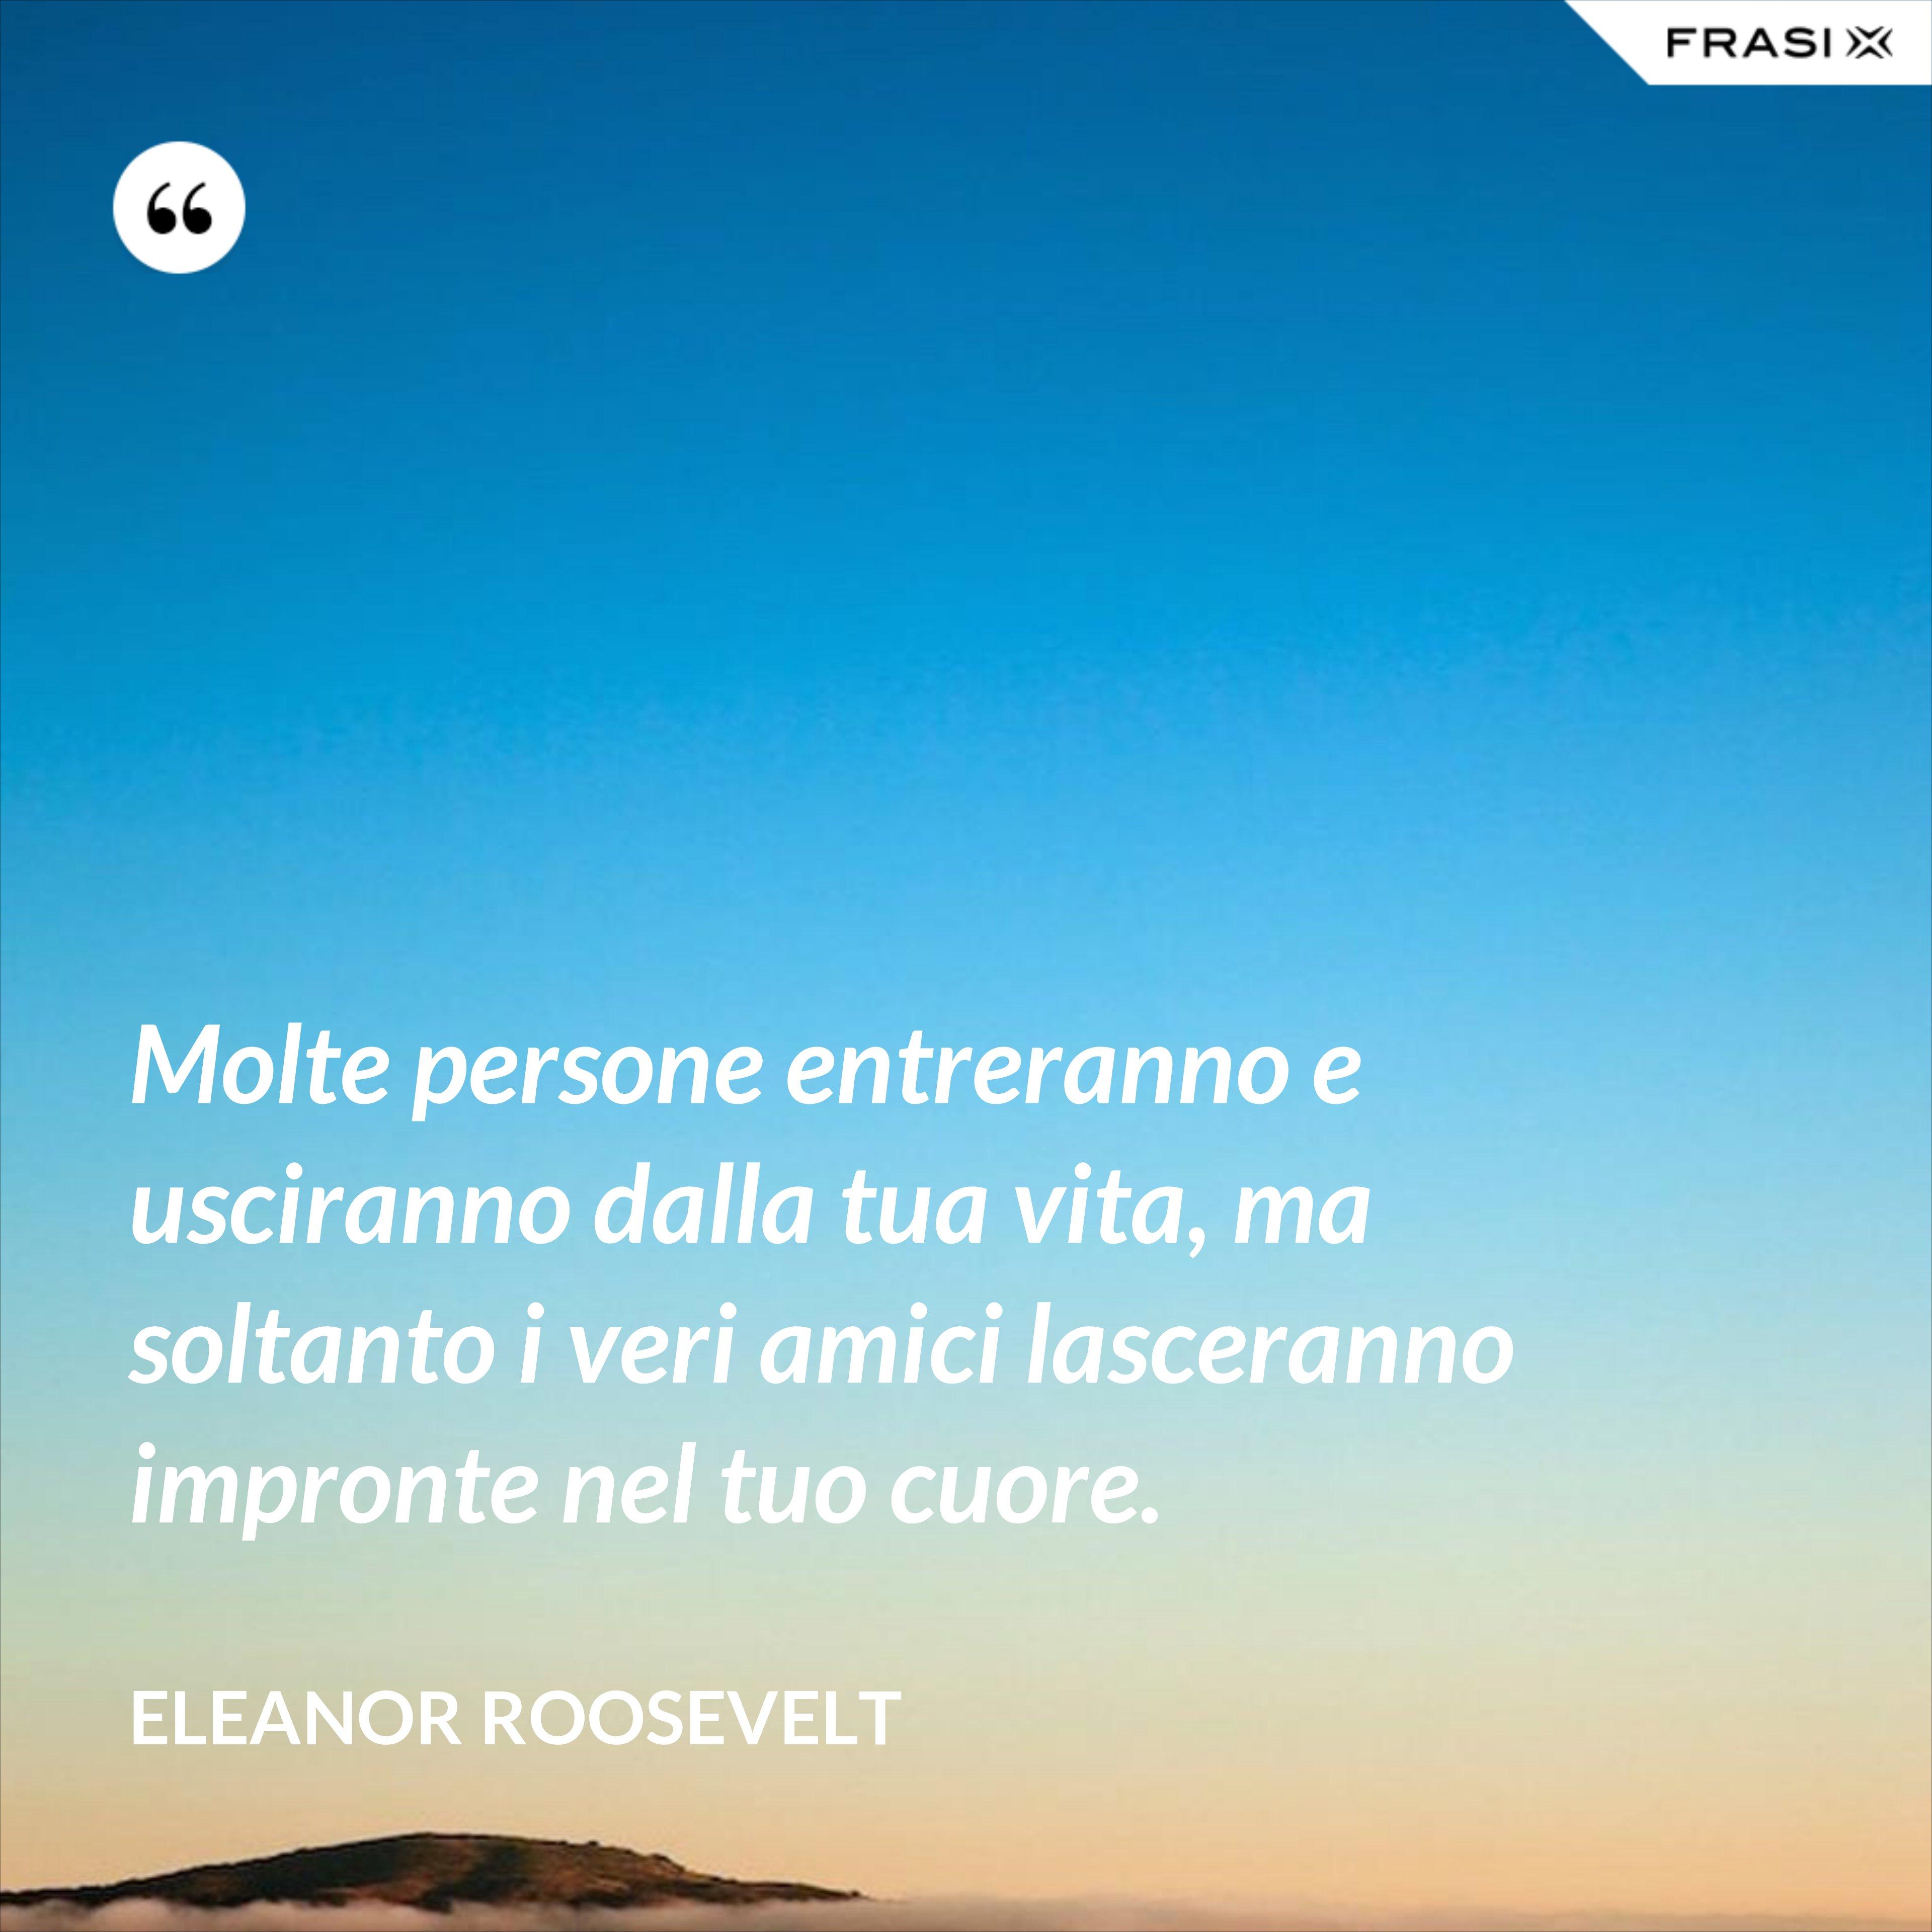 Molte persone entreranno e usciranno dalla tua vita, ma soltanto i veri amici lasceranno impronte nel tuo cuore. - Eleanor Roosevelt